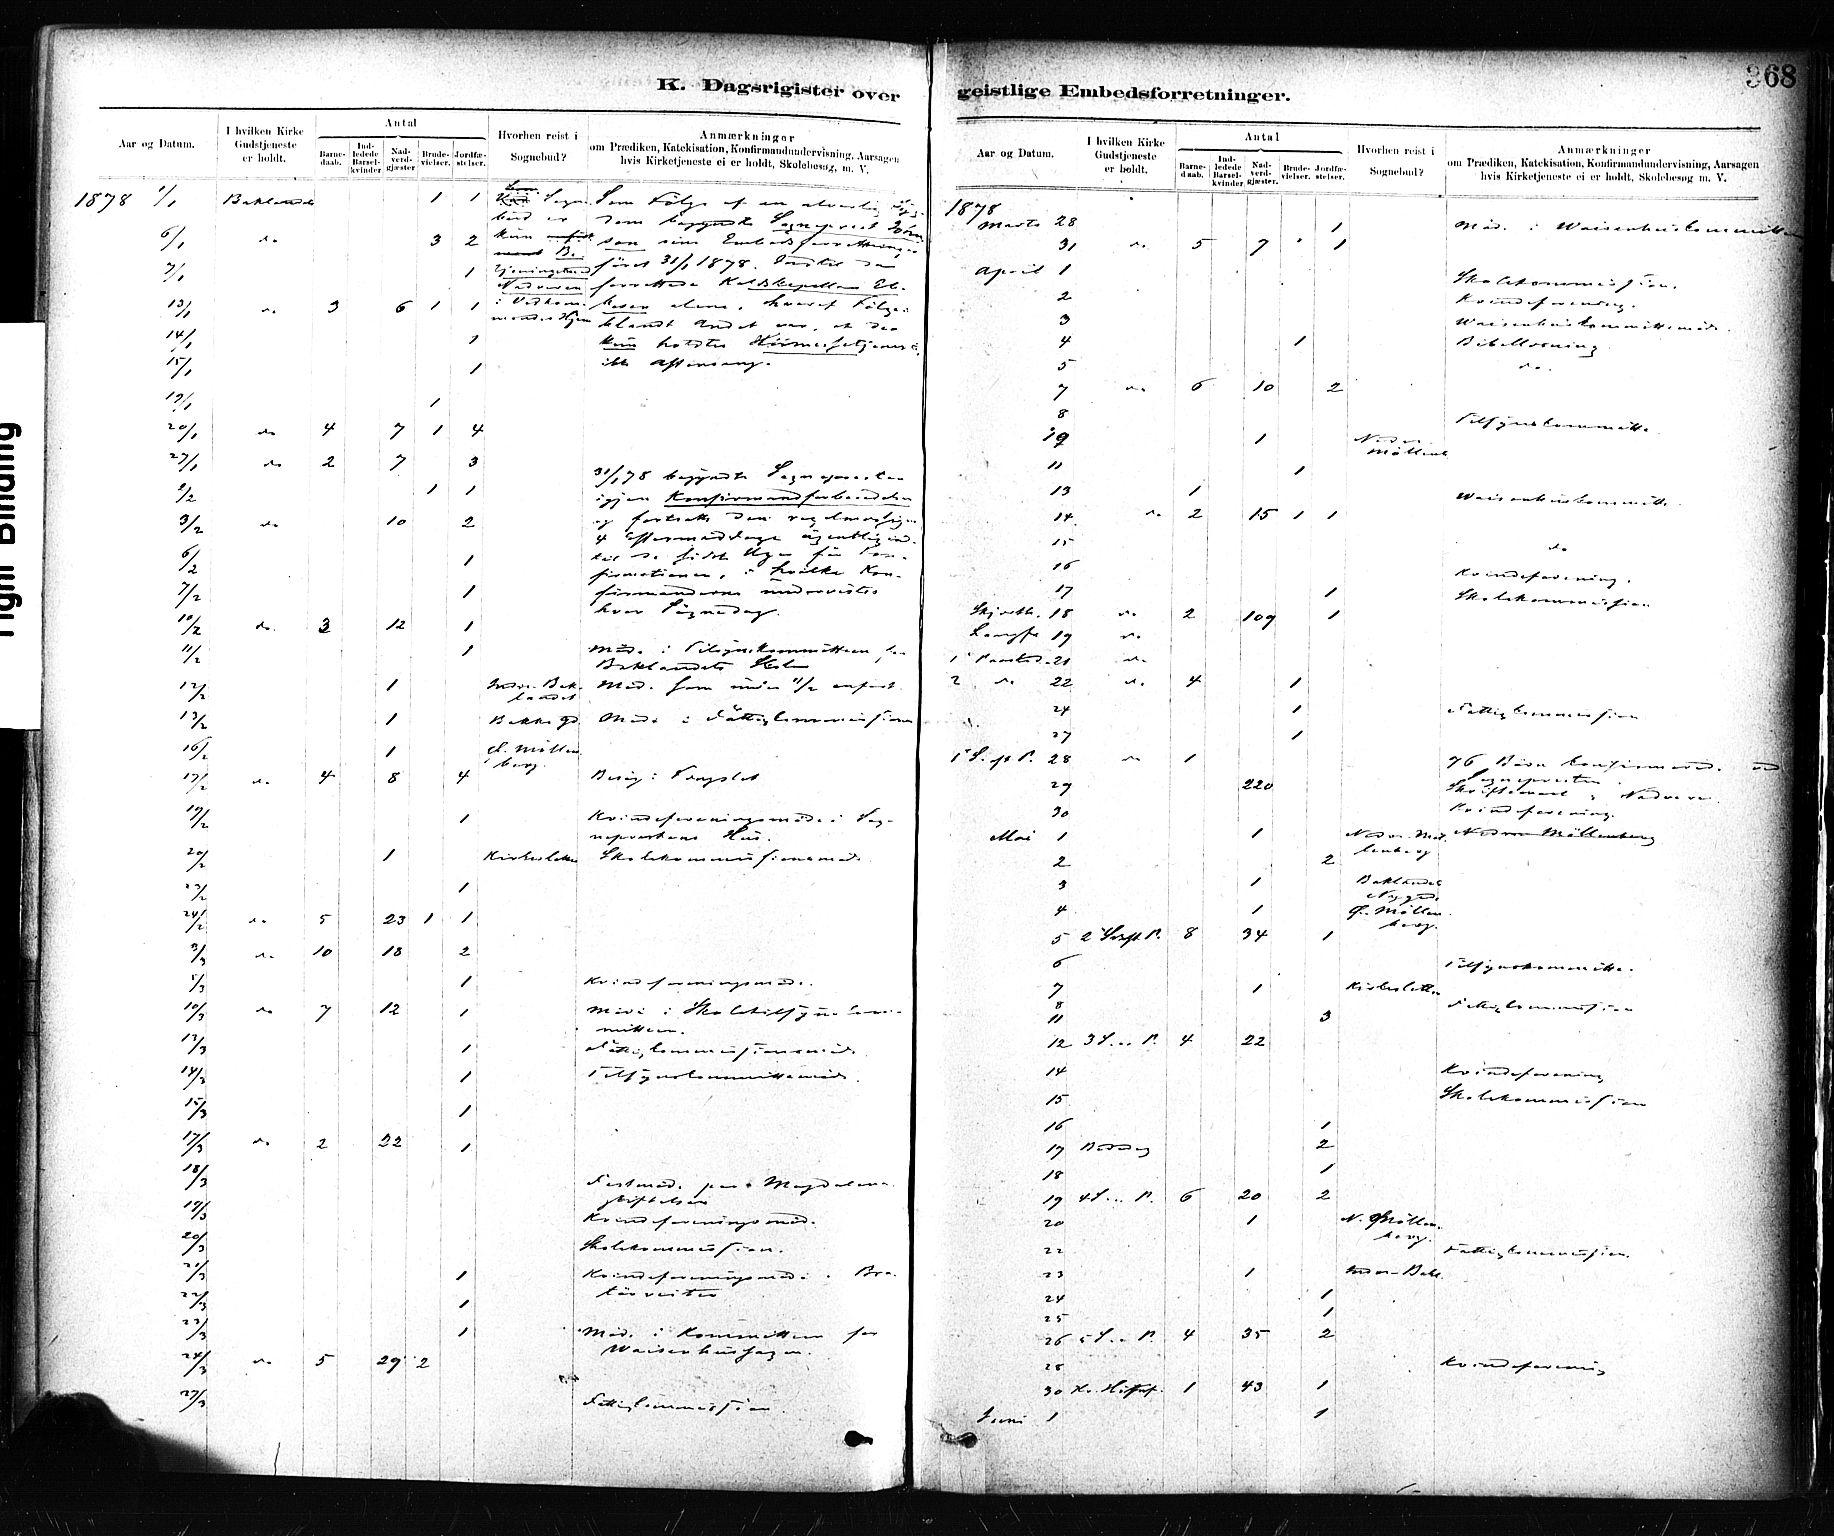 SAT, Ministerialprotokoller, klokkerbøker og fødselsregistre - Sør-Trøndelag, 604/L0189: Ministerialbok nr. 604A10, 1878-1892, s. 368